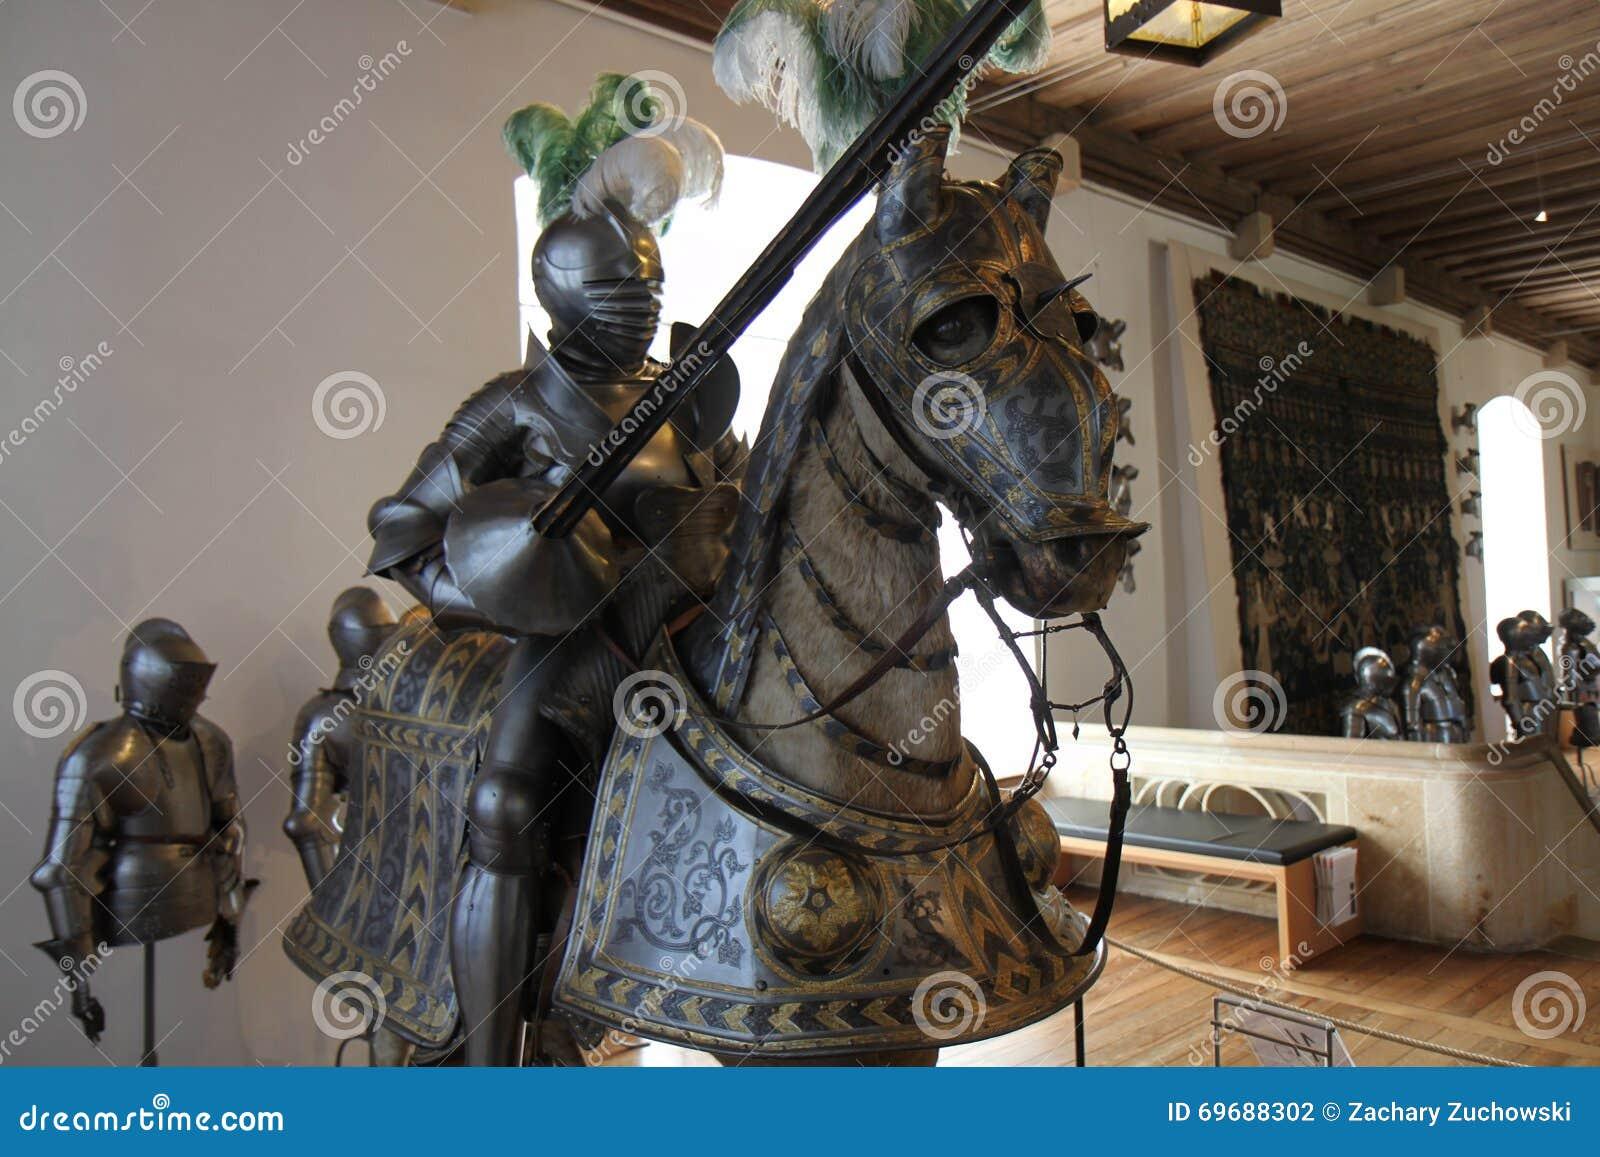 Knight l armatura un armatura jousting del cavallo e della lancia